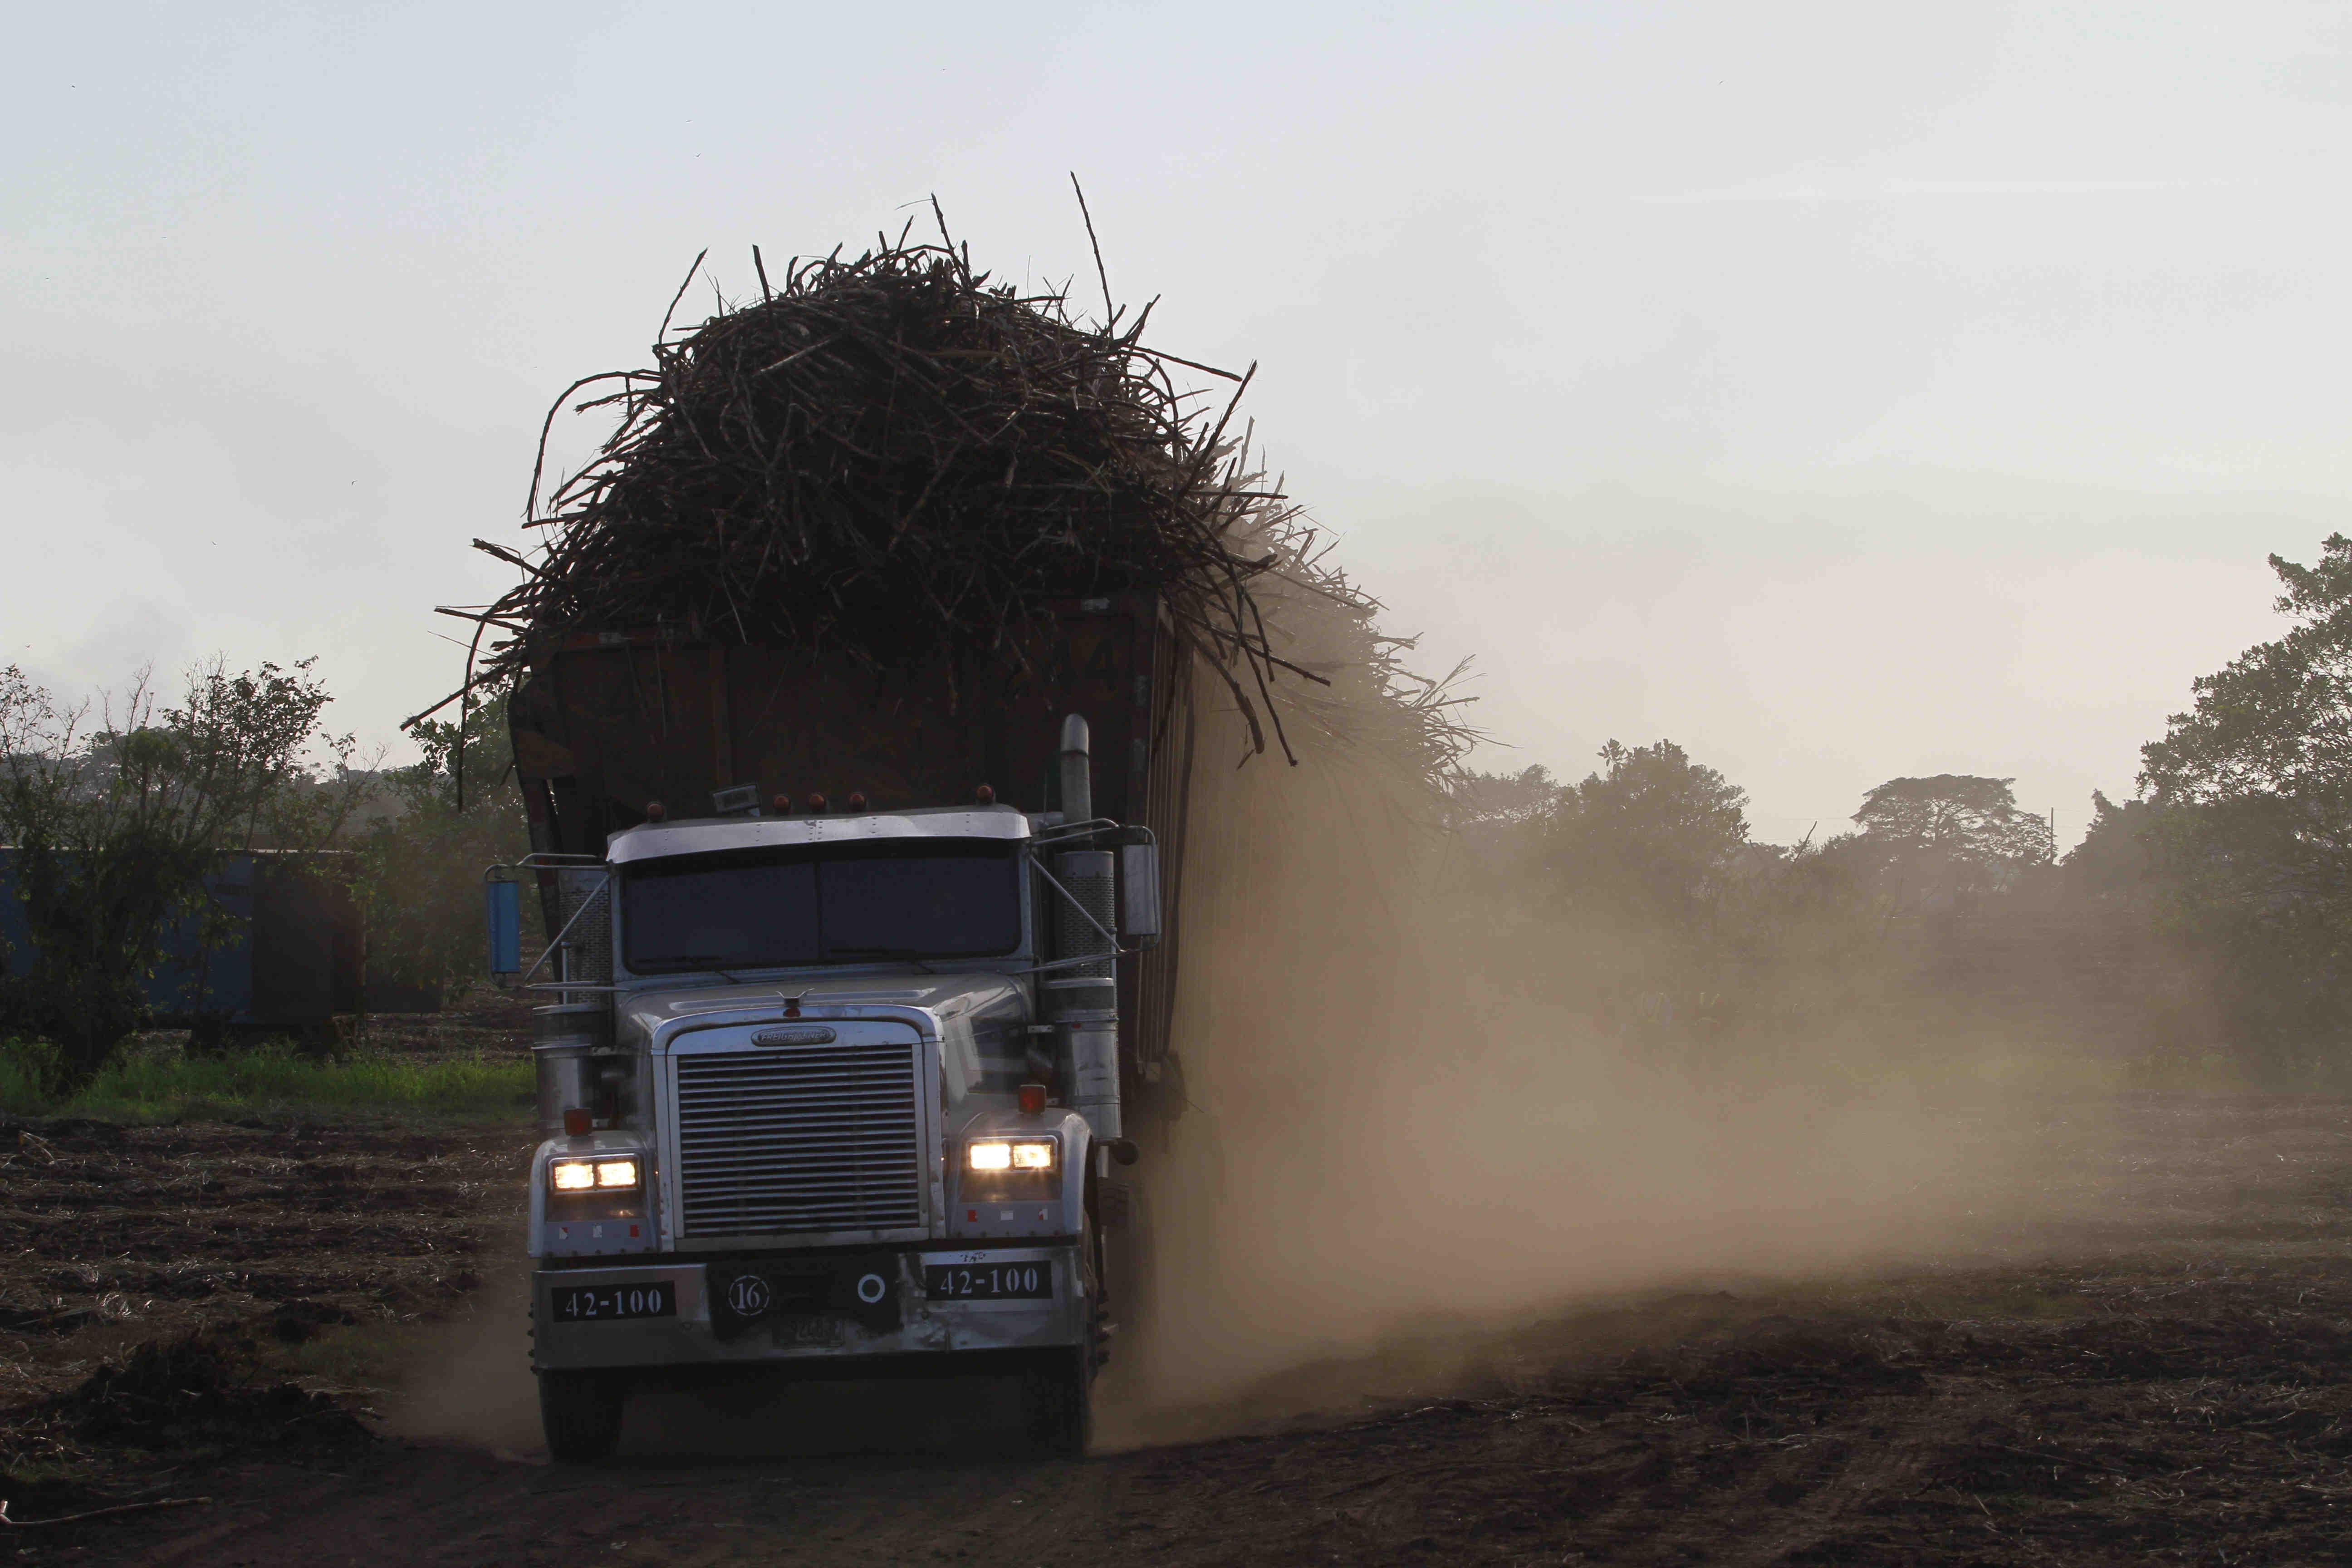 Guatemala despacha azúcar a 58 países y la zafra 2018-19 esta por finalizar con una producción estable. (Foto Prensa Libre: Hemeroteca)